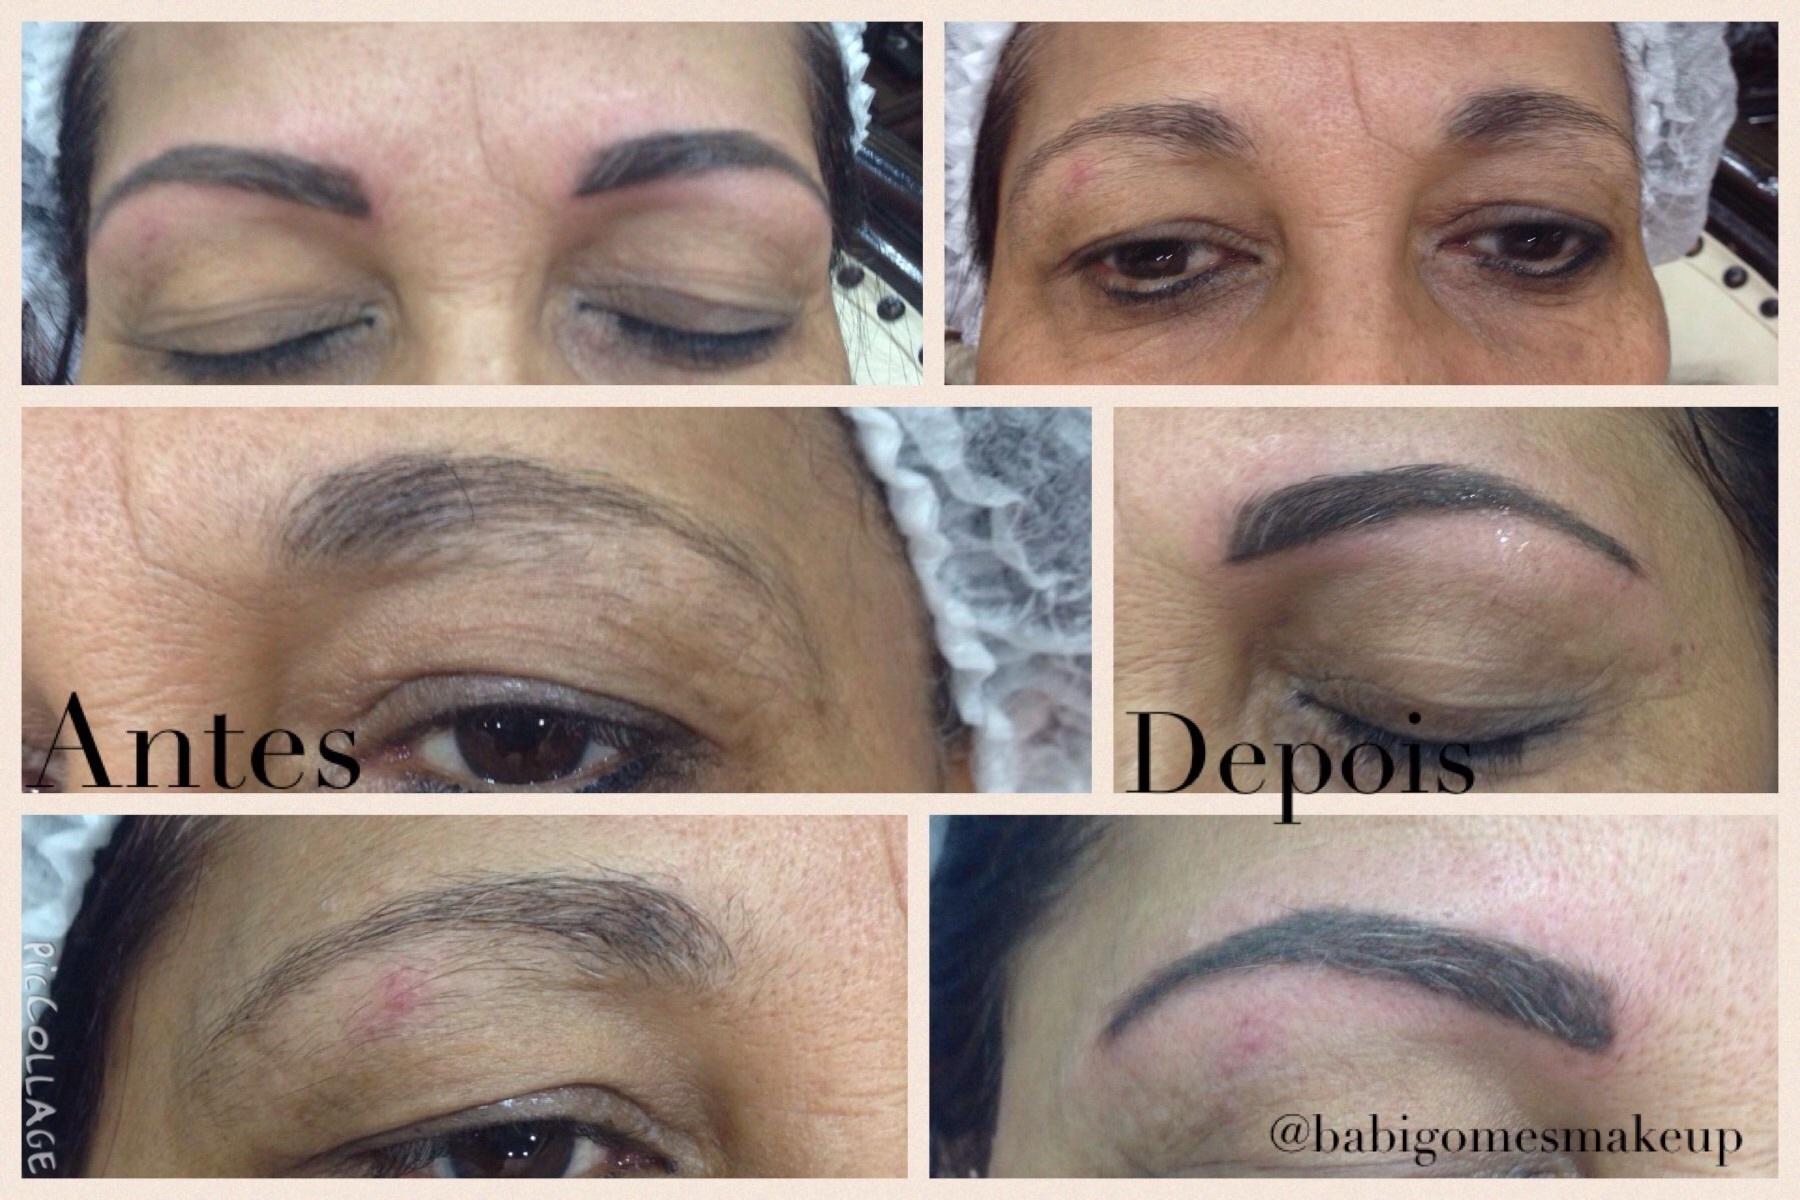 Micropigmentação  Design de sobrancelhas  estética  dermopigmentador(a) designer de sobrancelhas maquiador(a) micropigmentador(a)